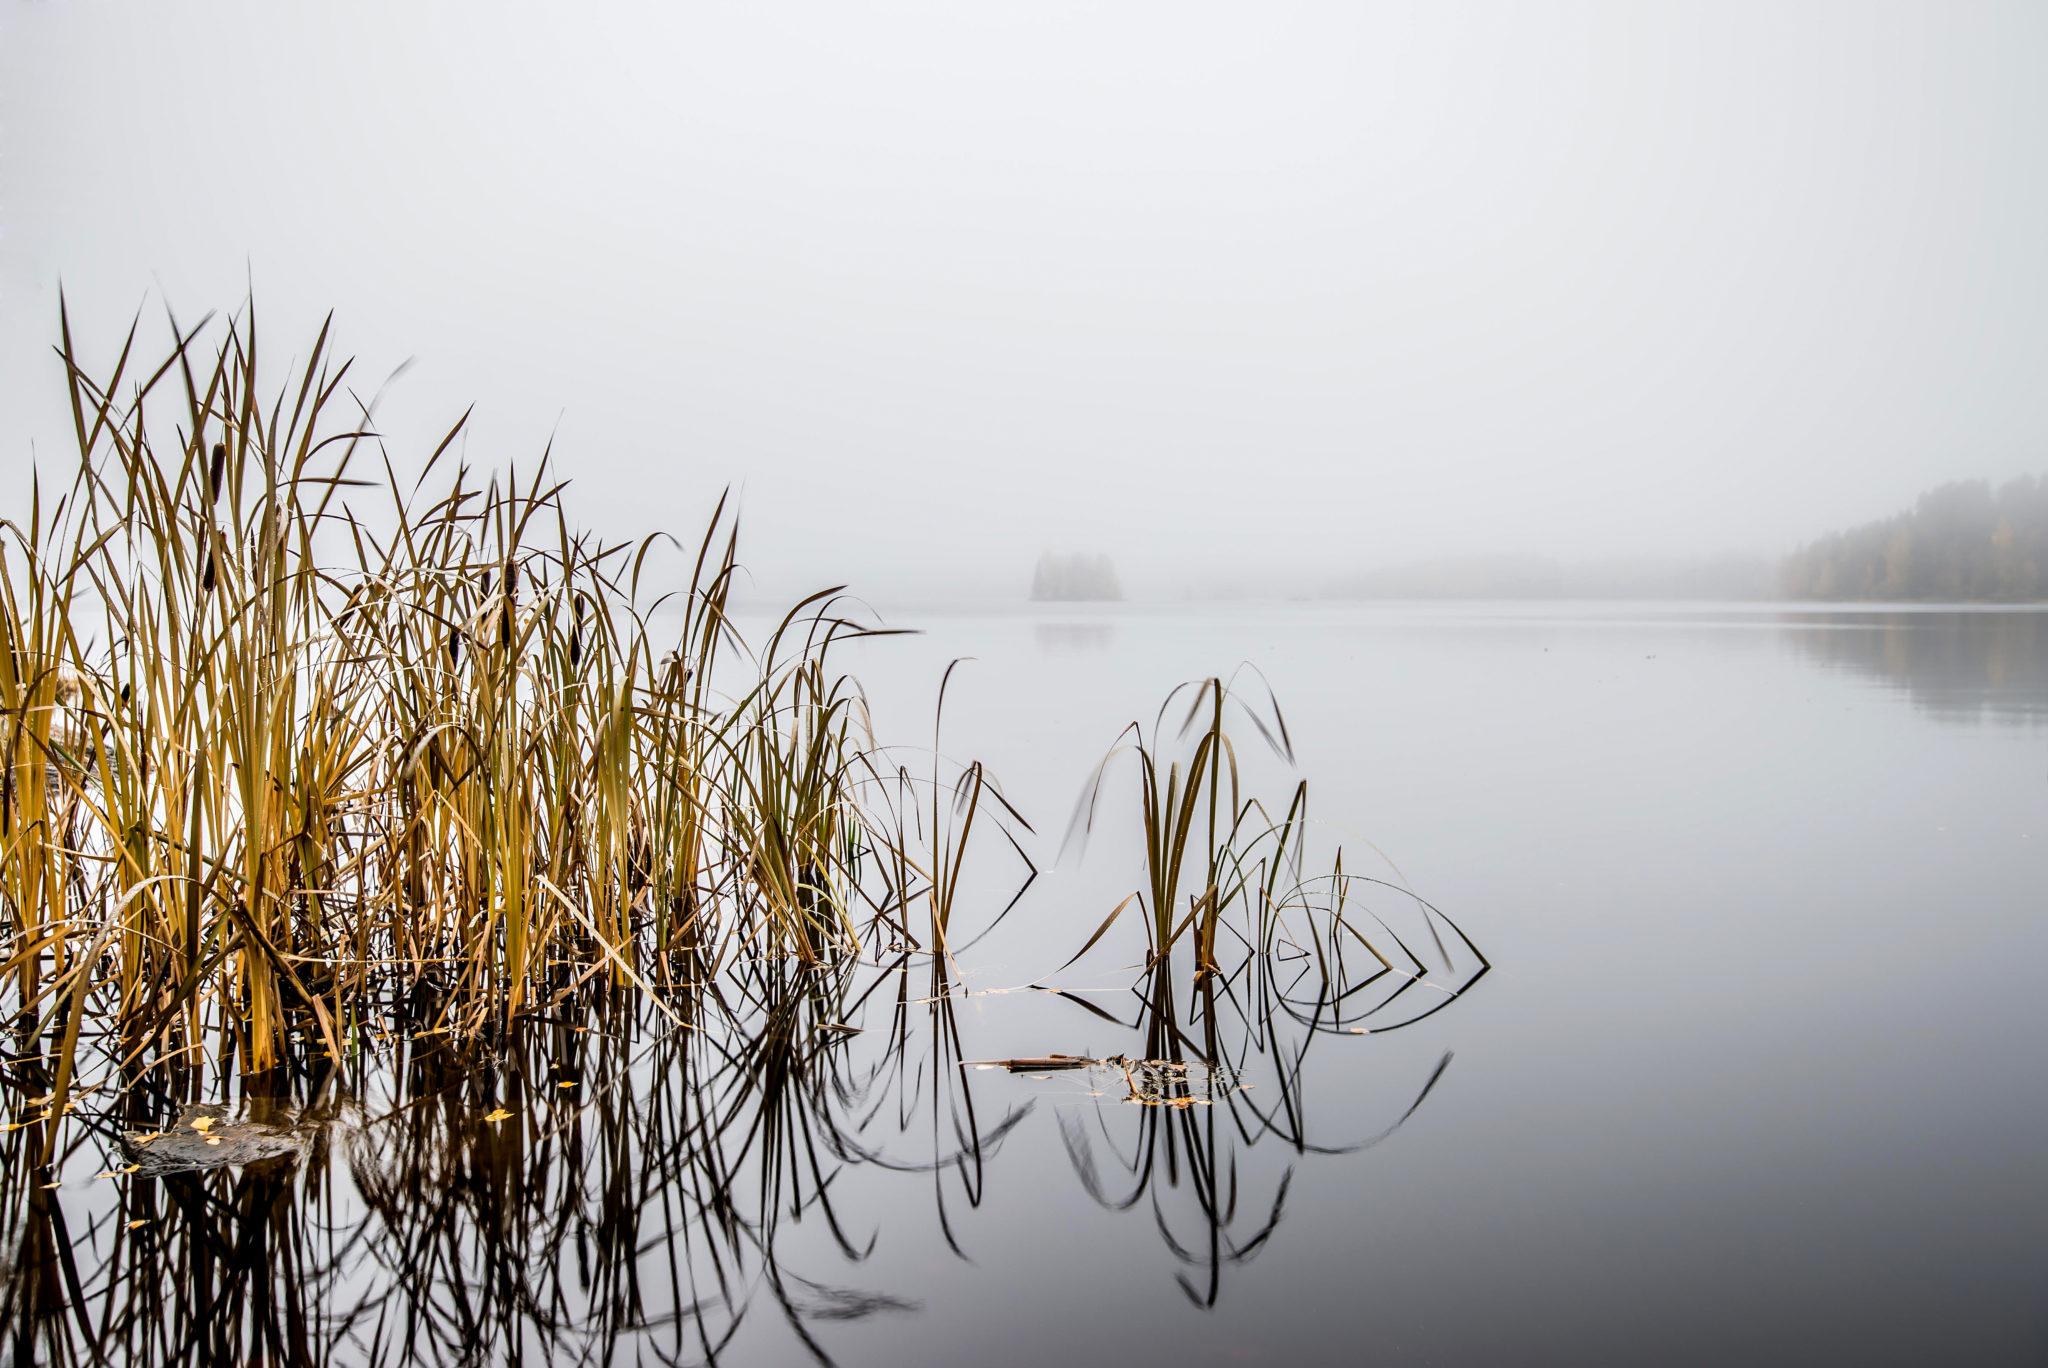 Sumuinen päivä #1 – One Foggy day #1